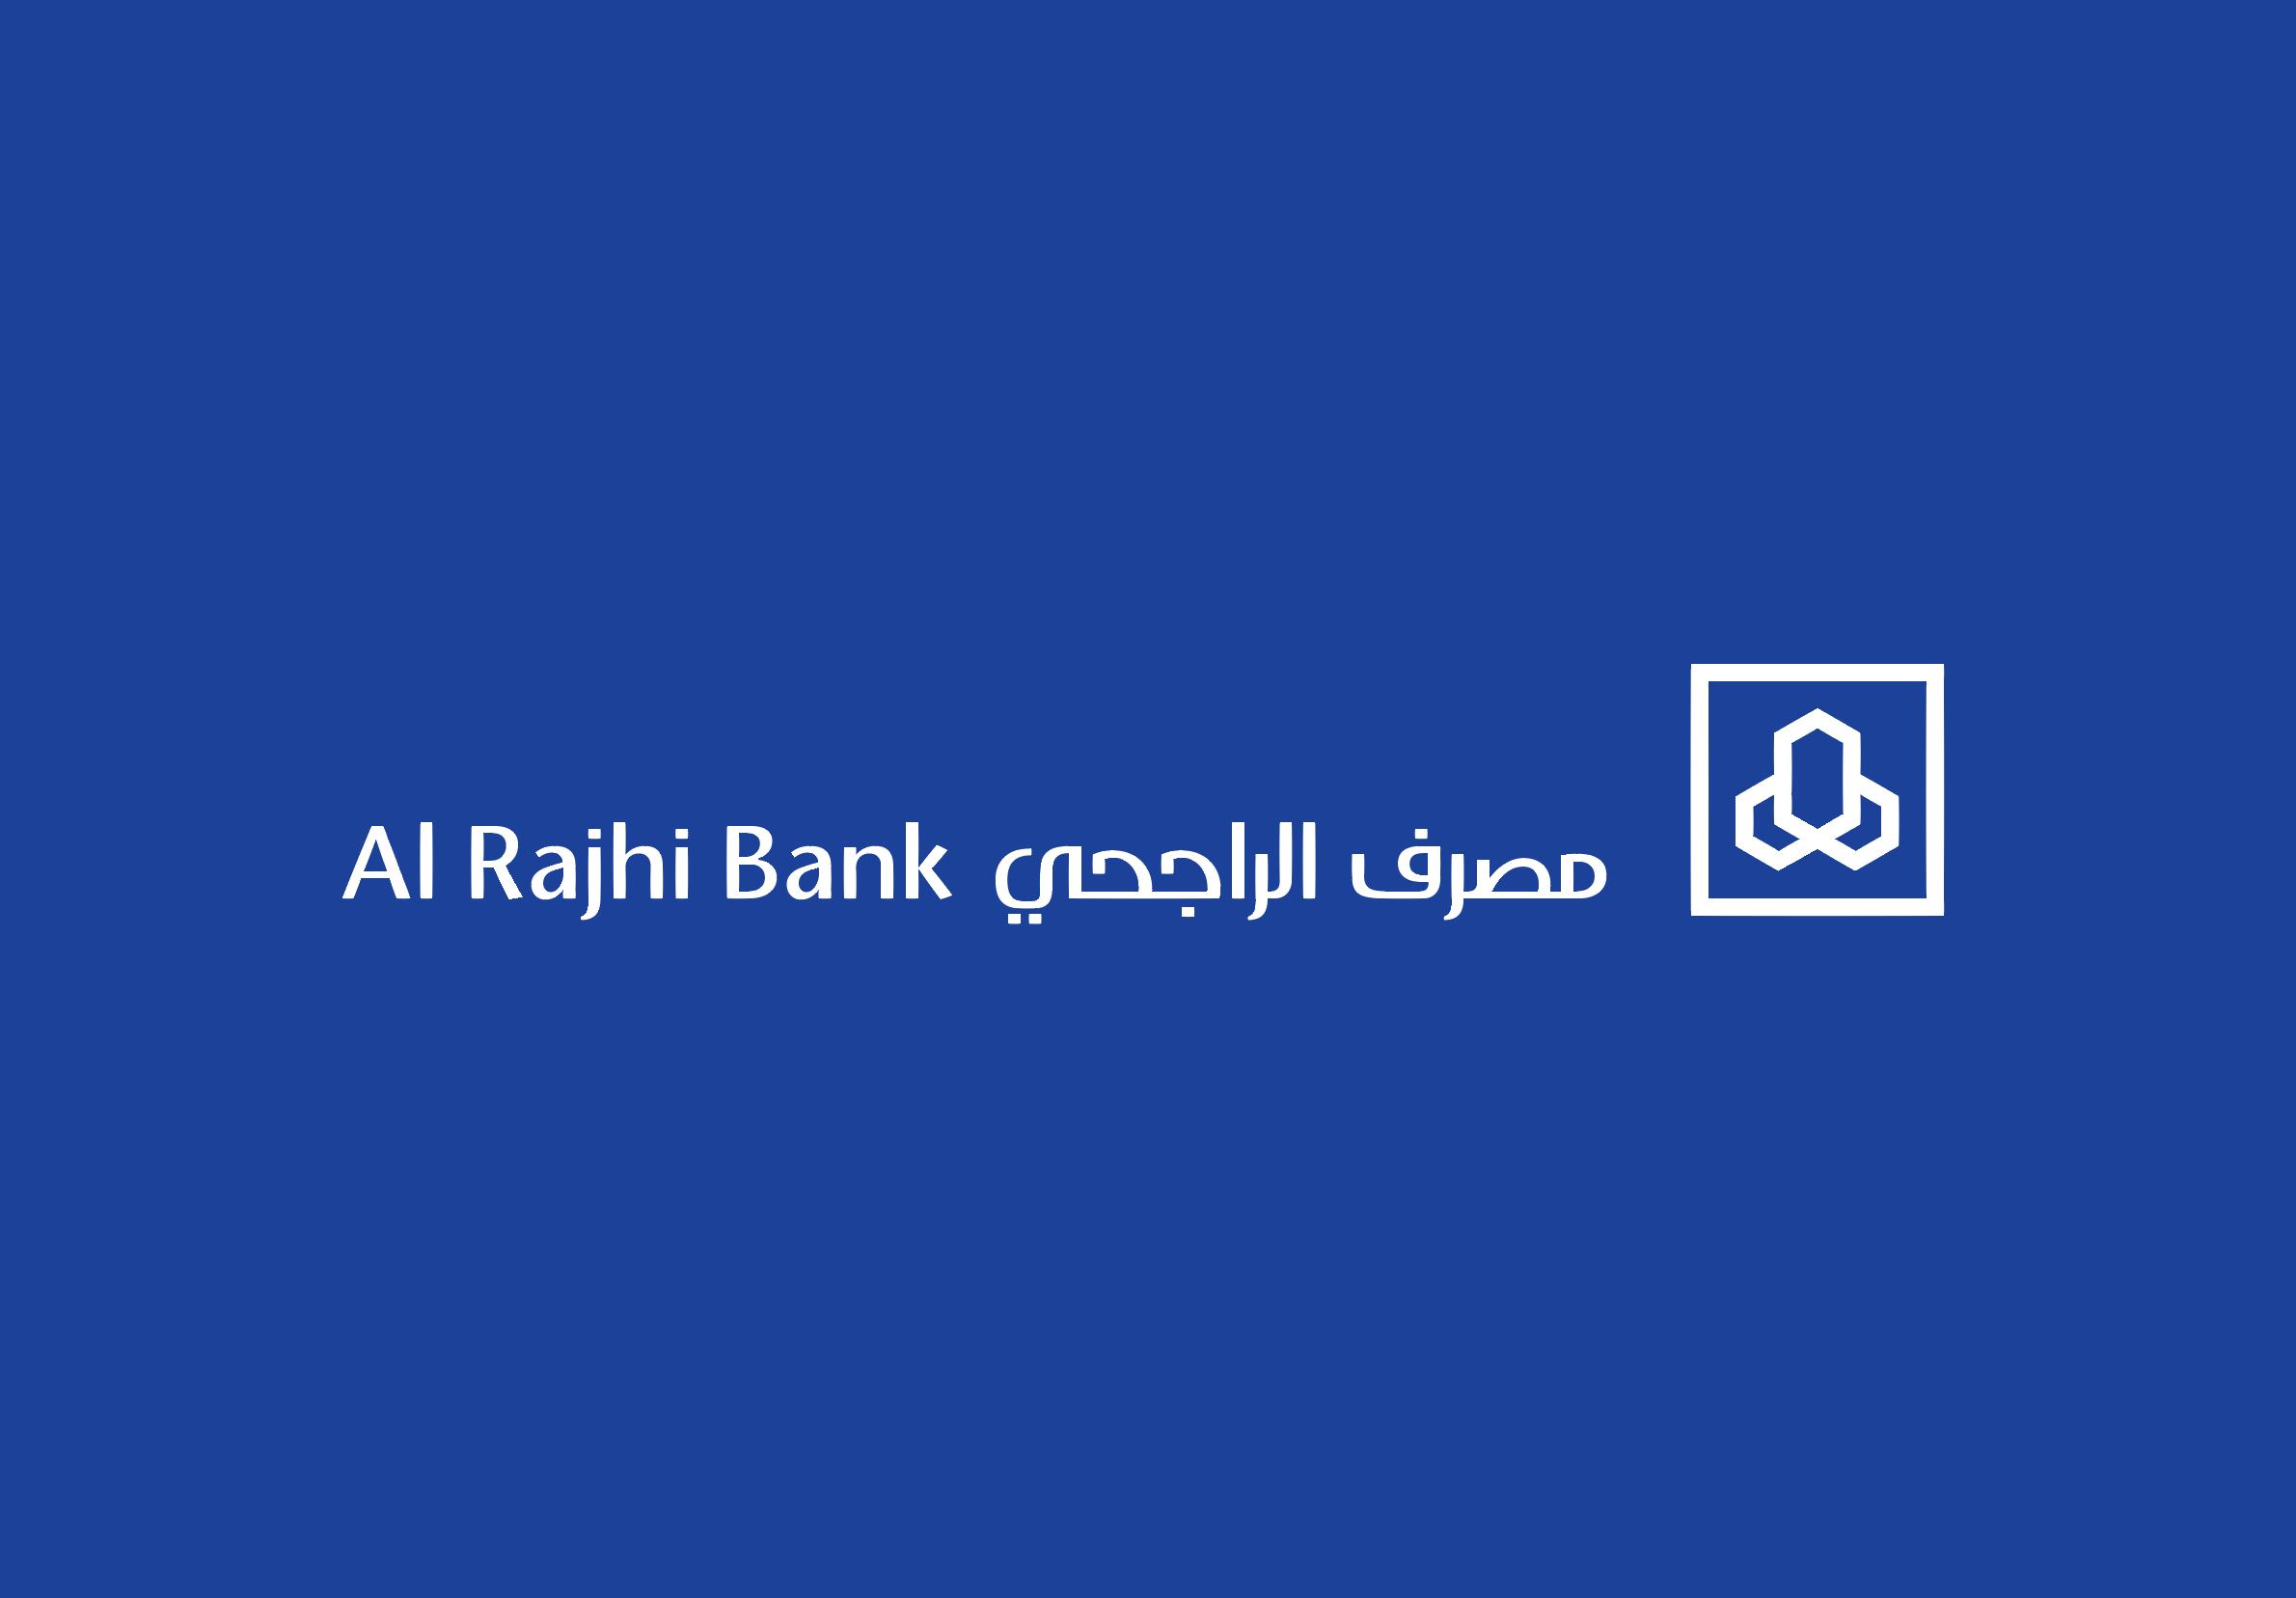 查看此 Behance 项目 Al Rajhi Bank Campaign 2013 Https Www Behance Net Gallery 31703463 Al Rajhi Bank Campaign 2013 Campaign Advertising Campaign Allianz Logo